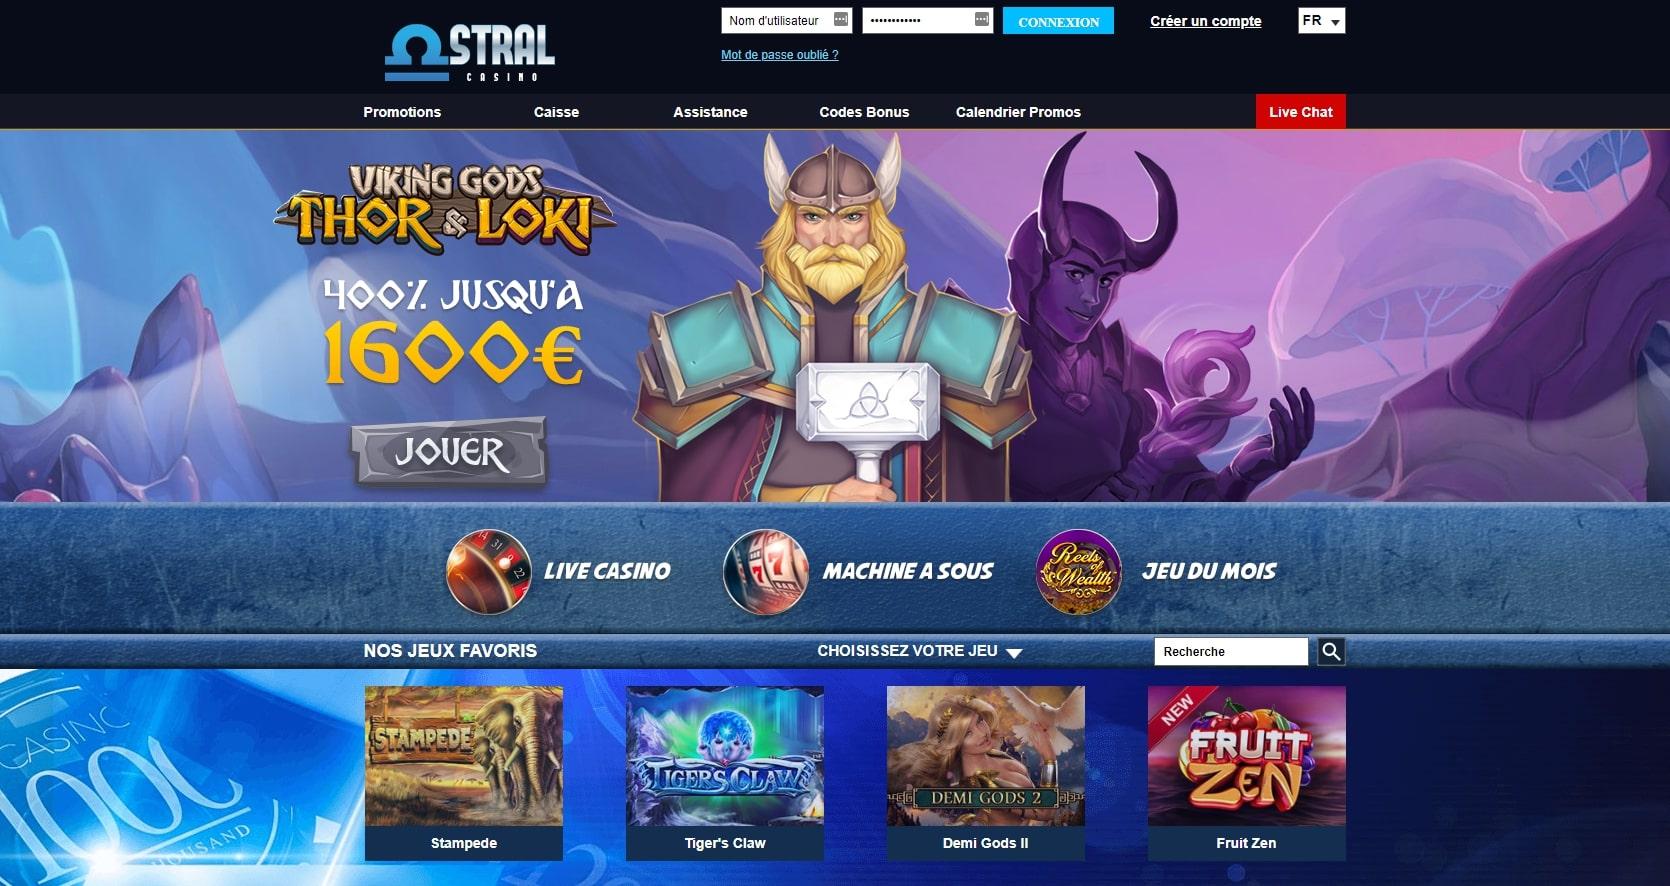 Avis Astral casino : est-il fiable ?